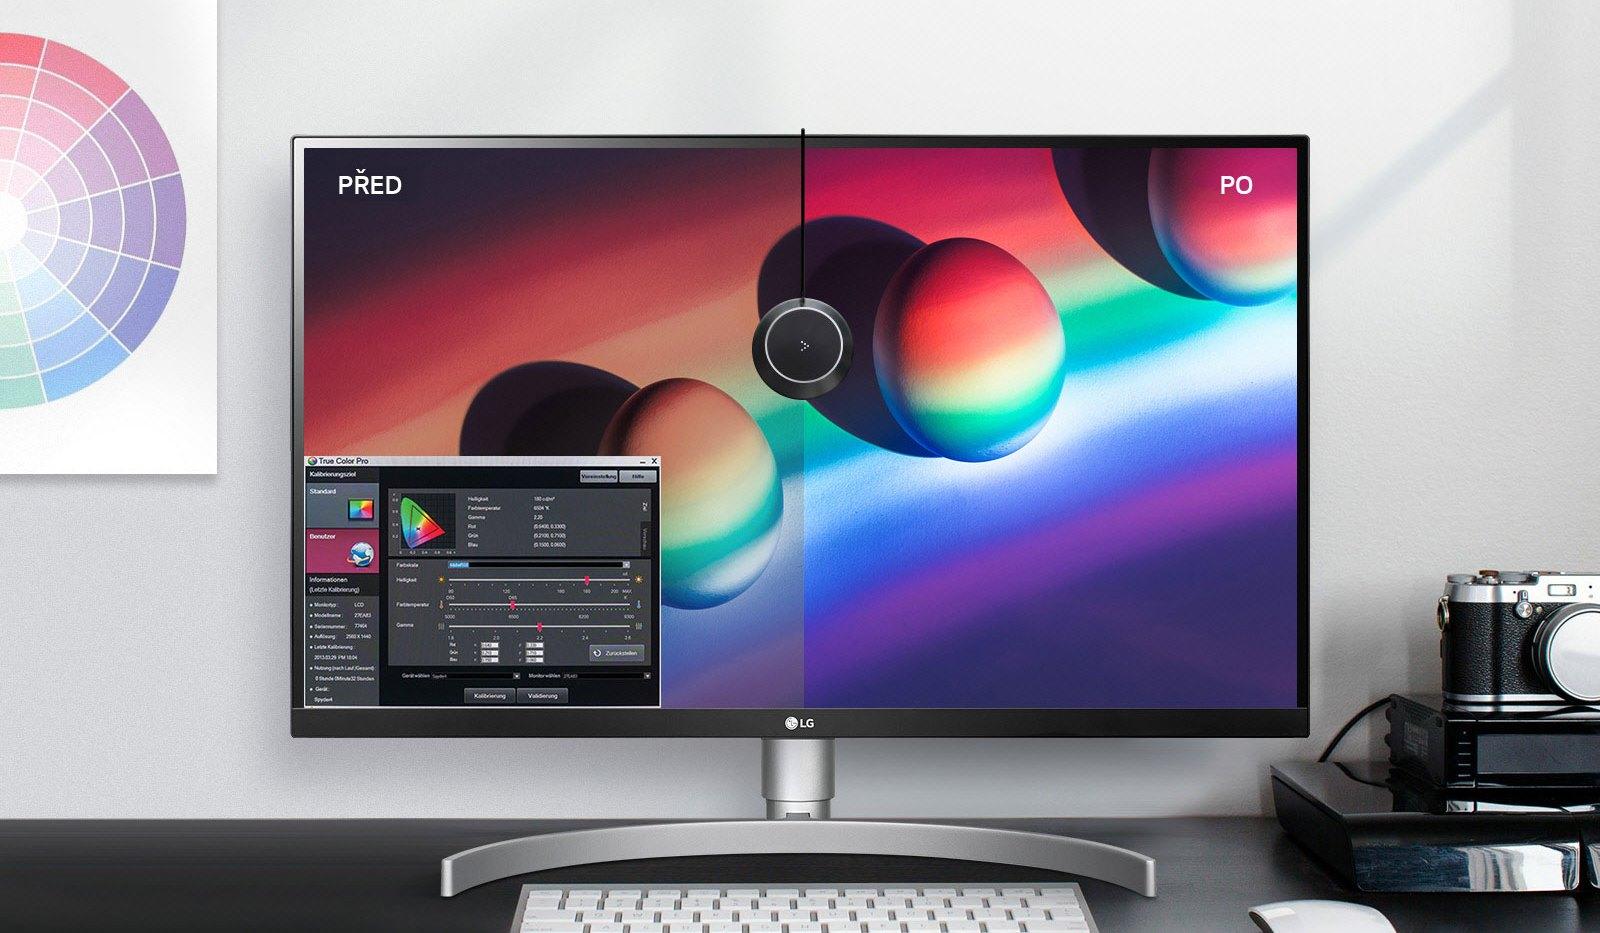 True Color Pro umožňuje optimalizovat zobrazení barev